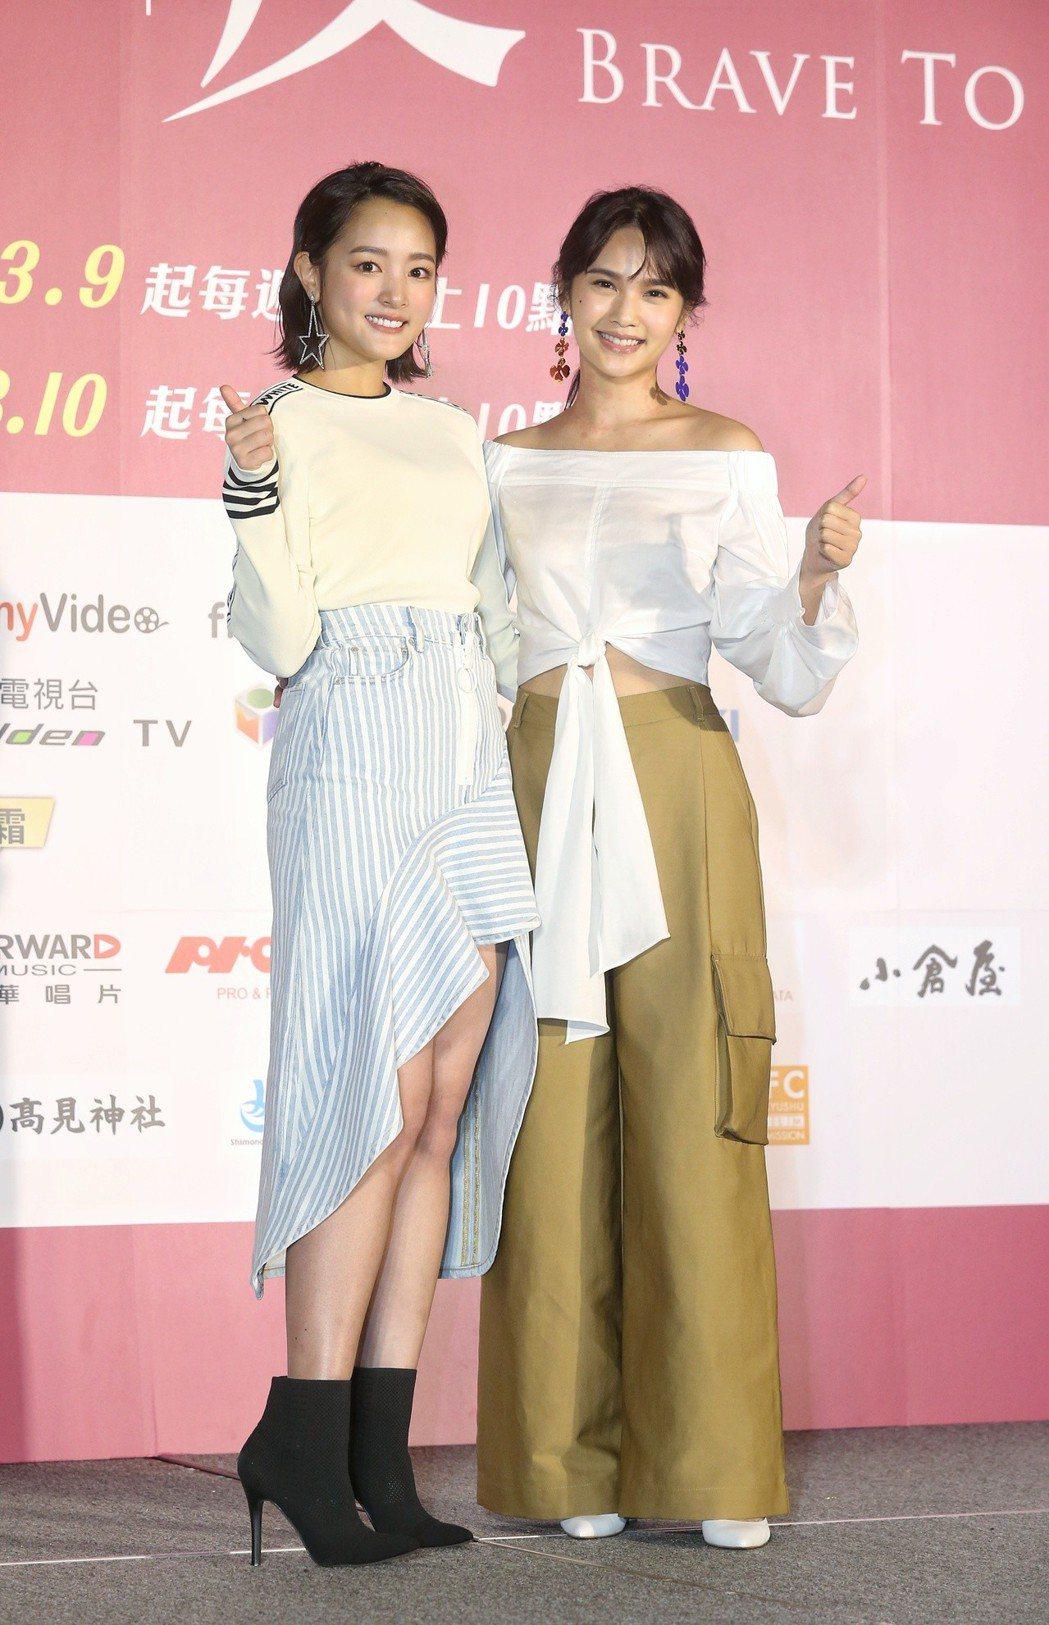 戲劇「愛情白皮書」舉行首映會,前代女主角楊丞琳(右)與現任女主角王淨(左)一同合